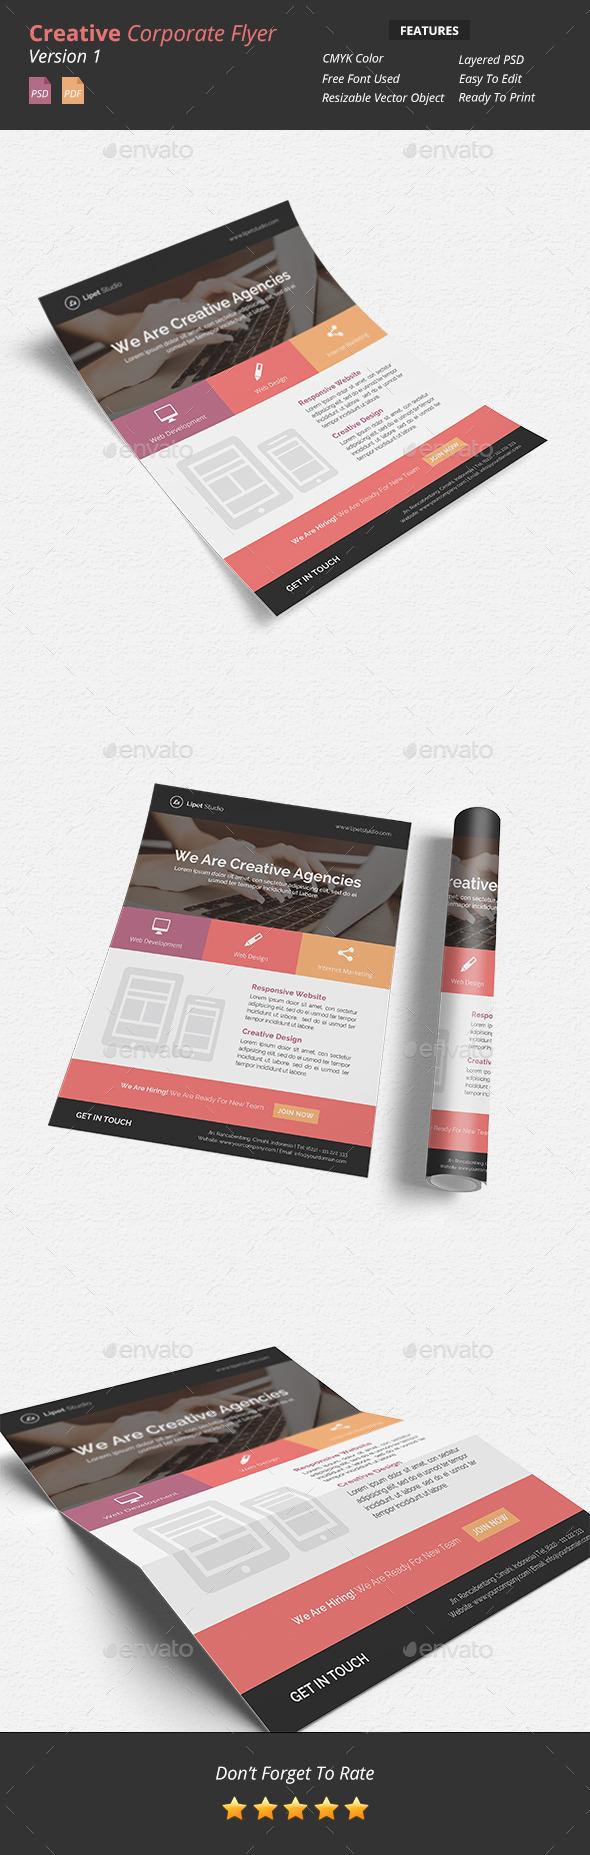 GraphicRiver Creative Corporate Flyer v1 9491675